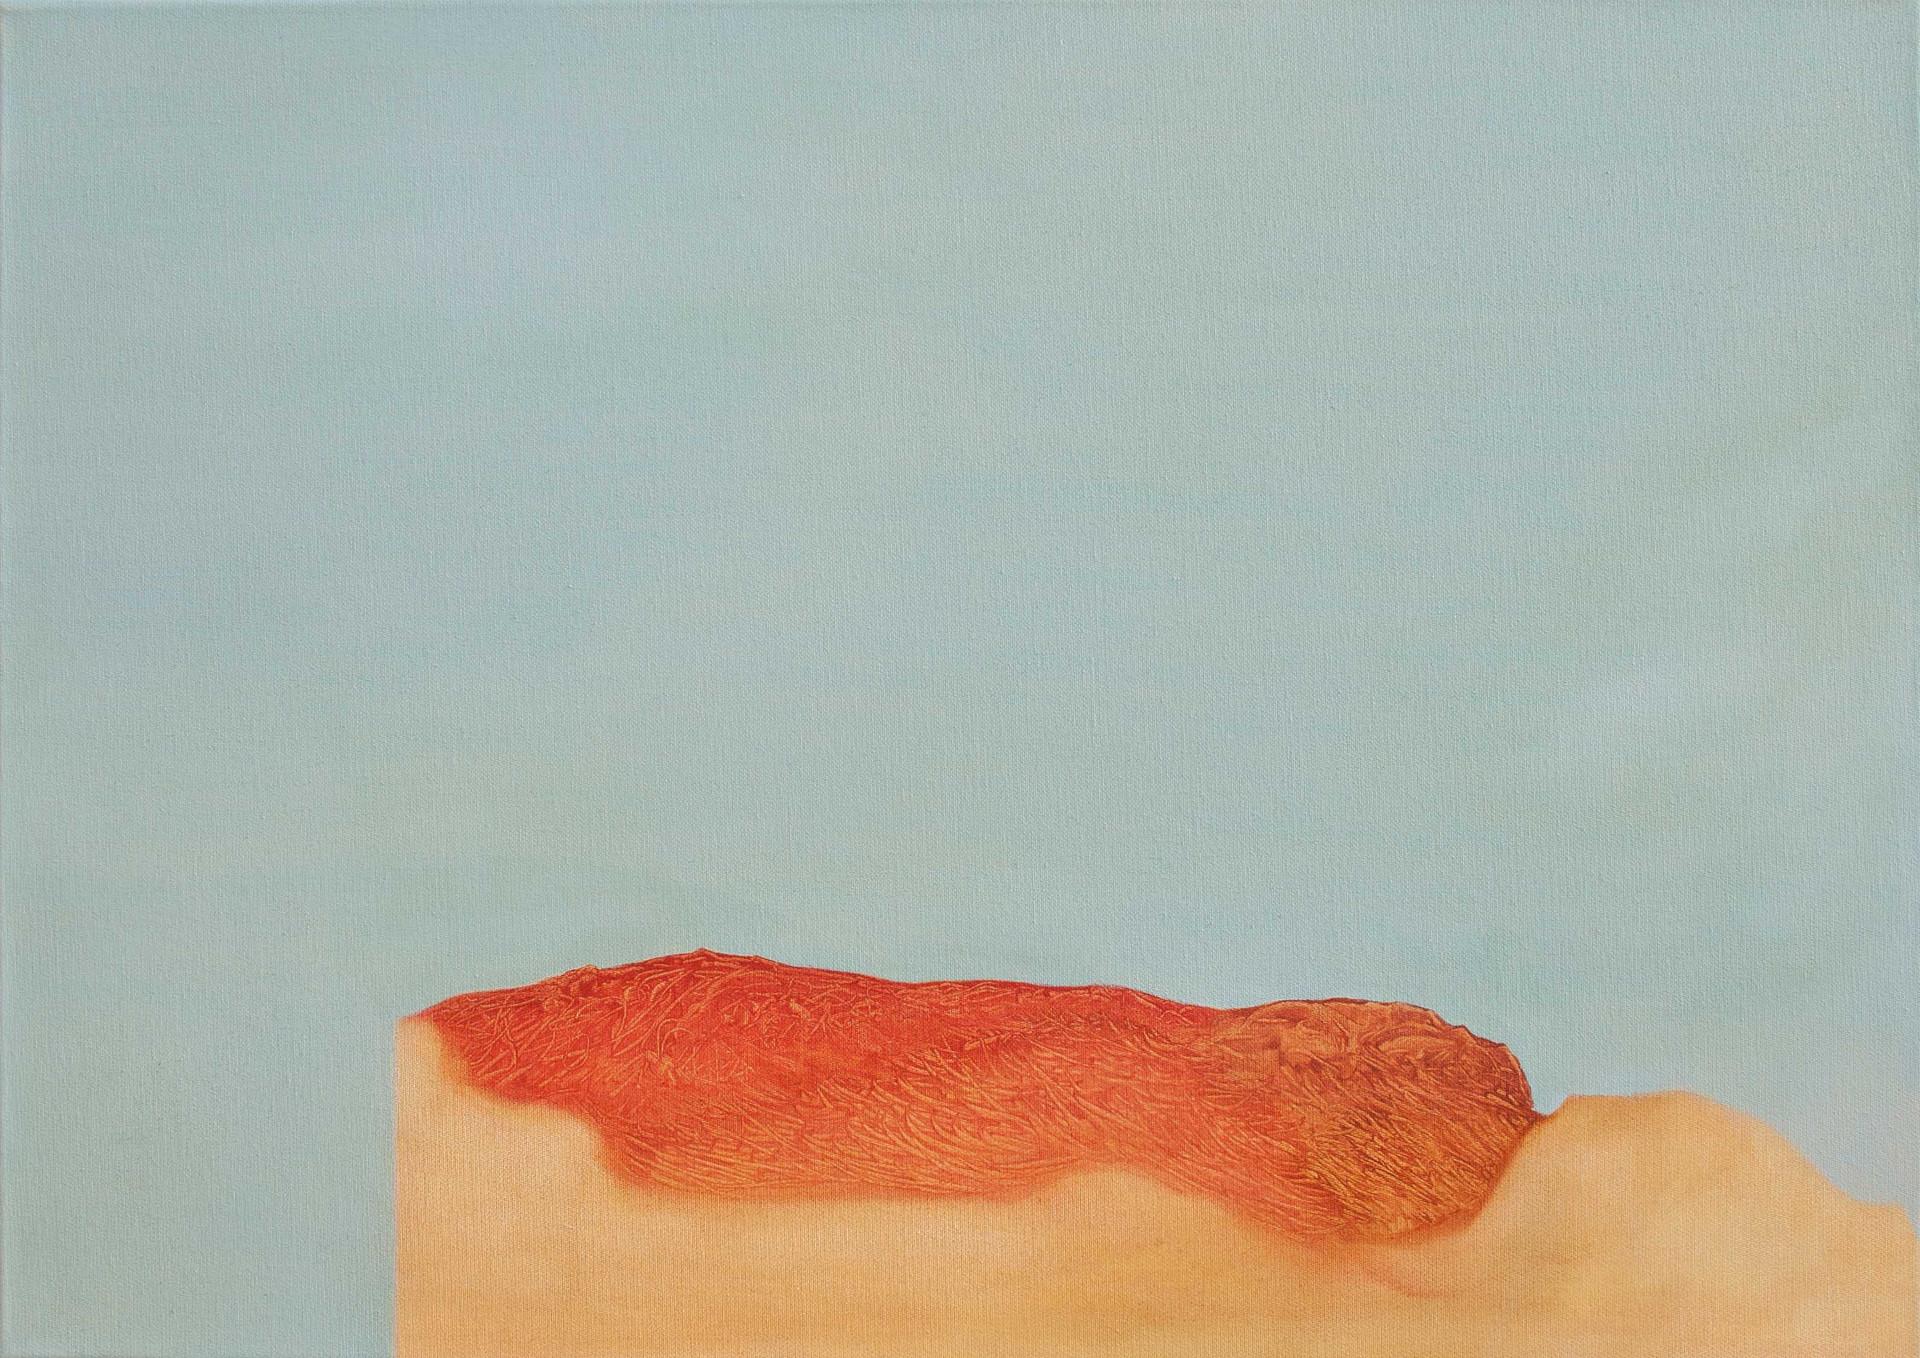 El silenci 2016, 70x50cm. Oil on canvas